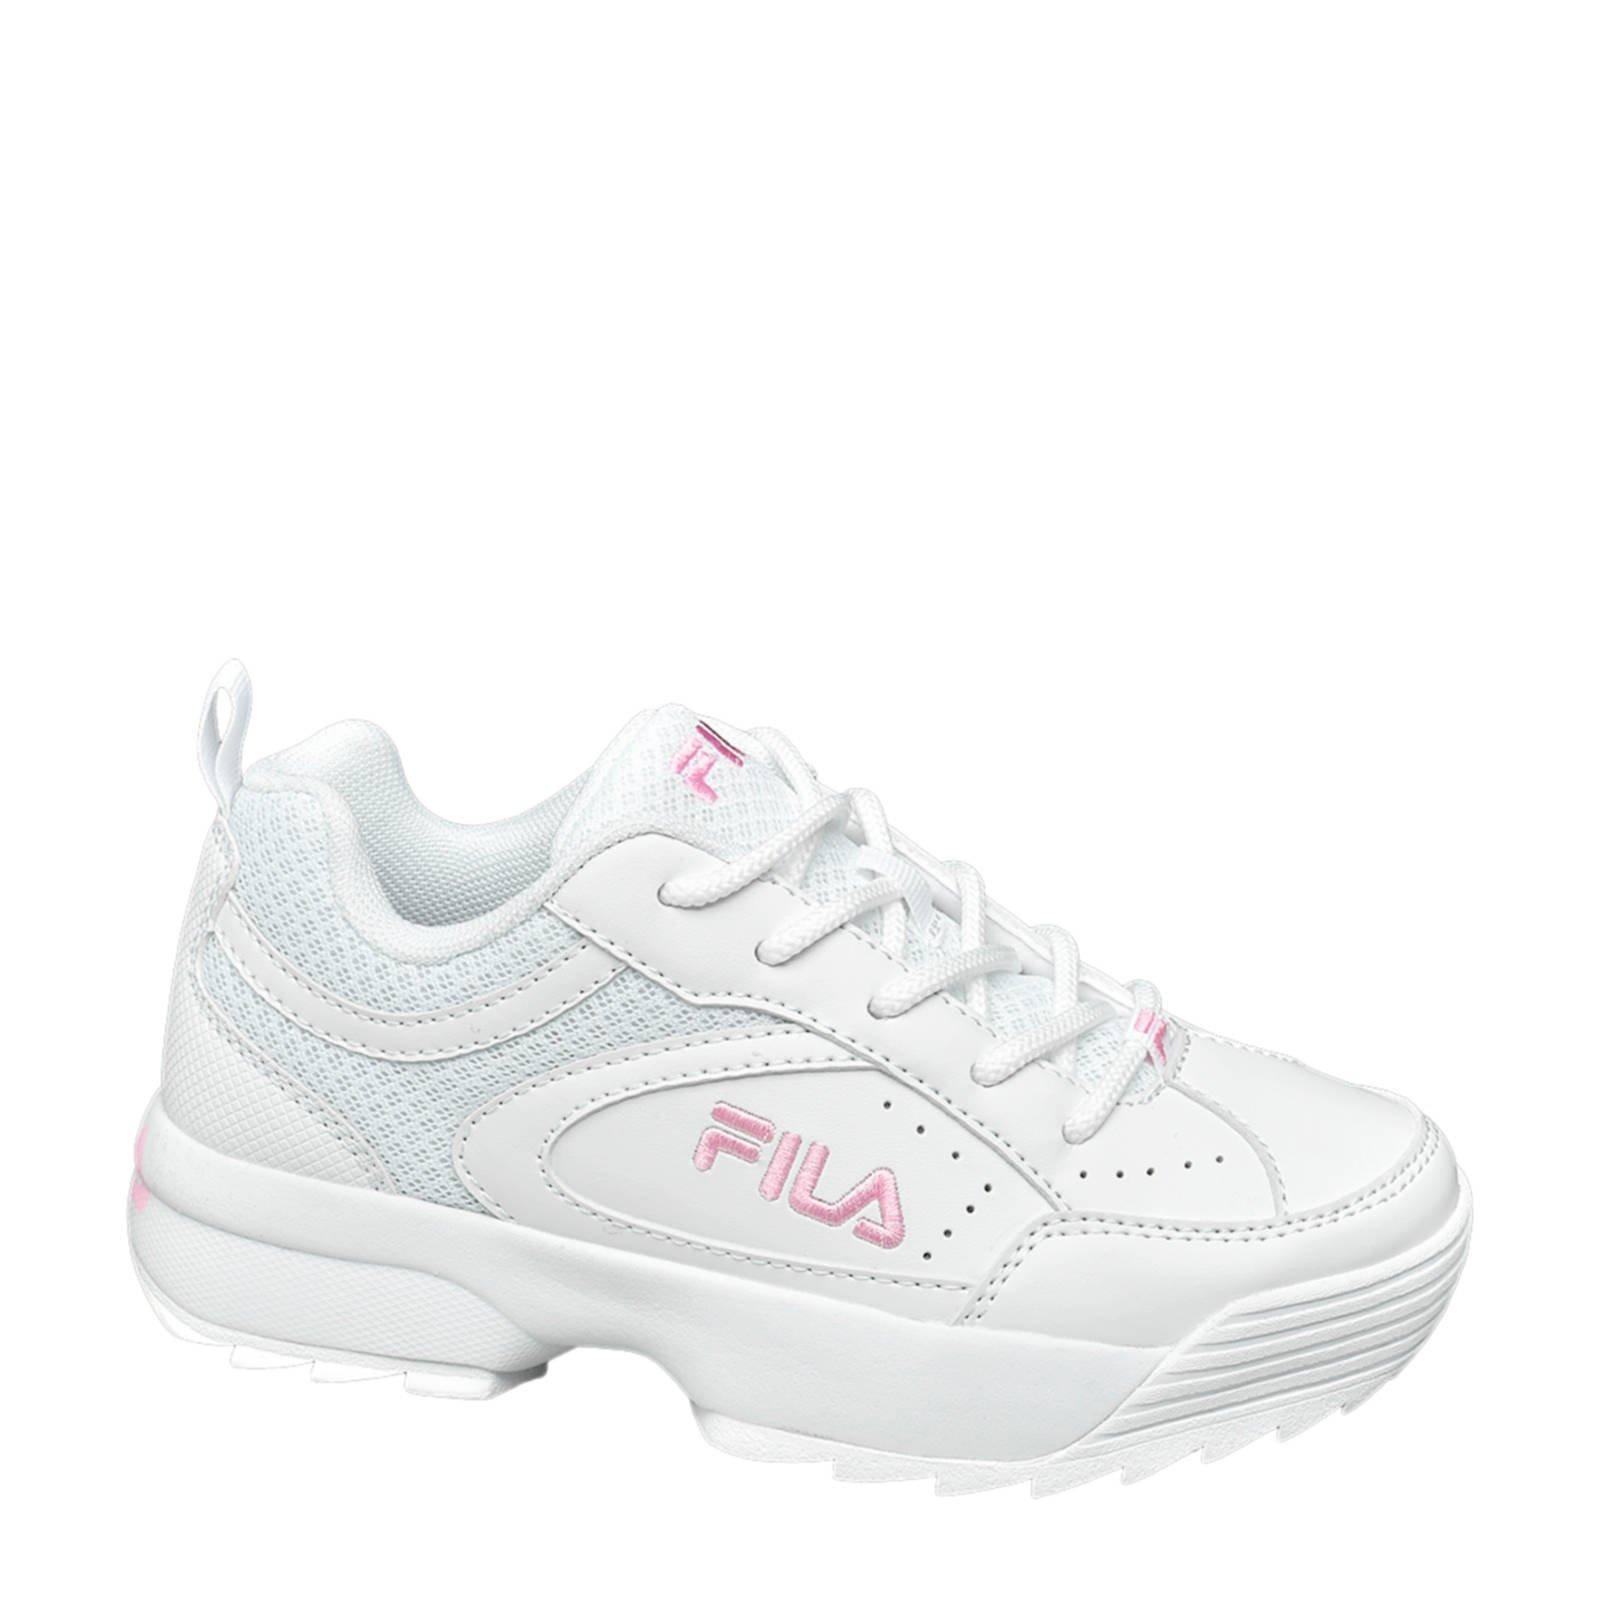 fila schoenen roze wit